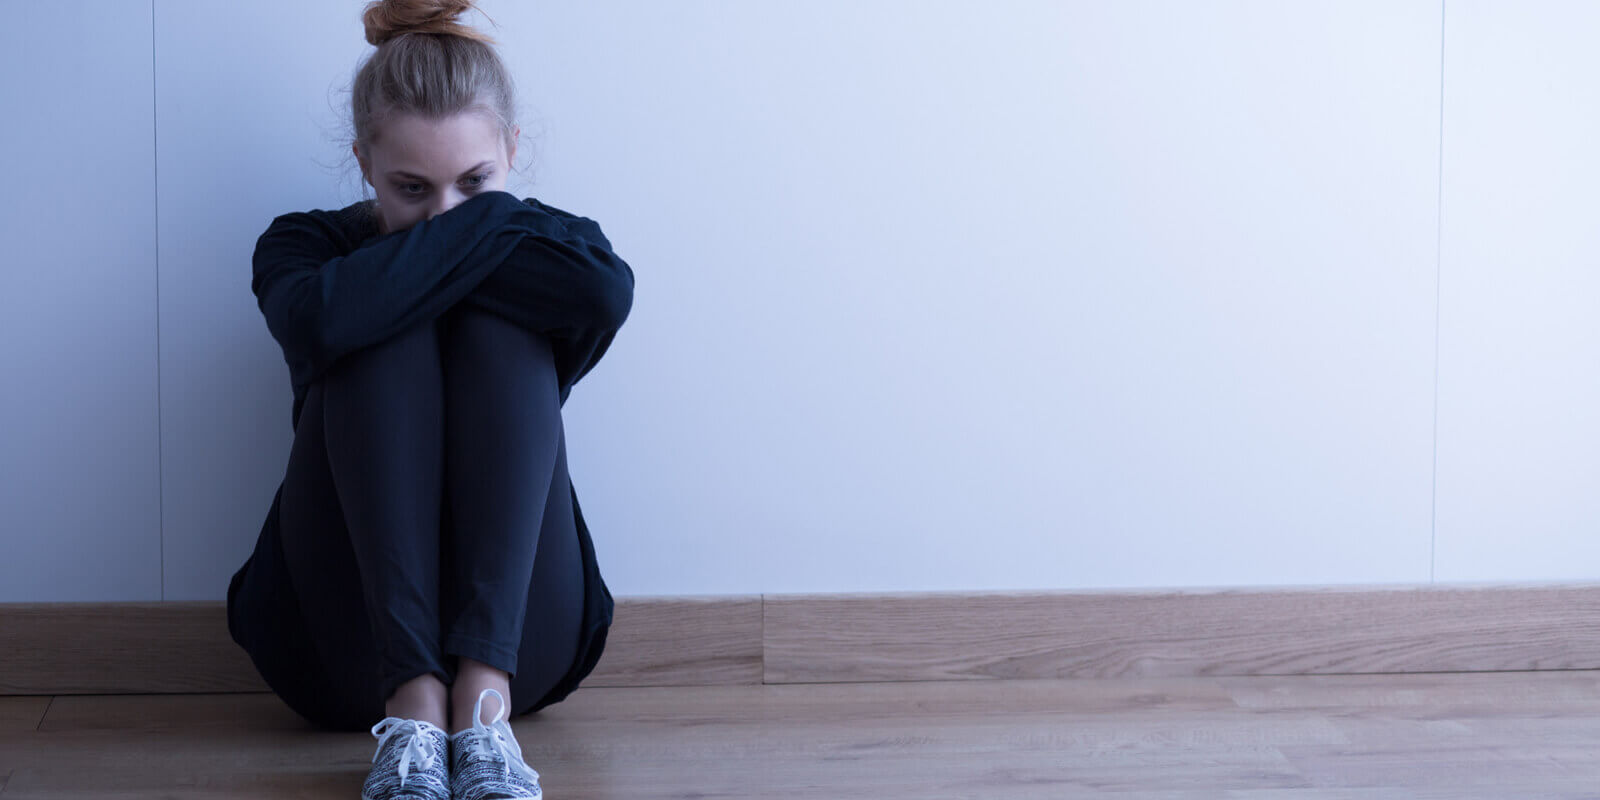 Depressioon – sünteetilised antidepressandid või taimed ja toitumine?